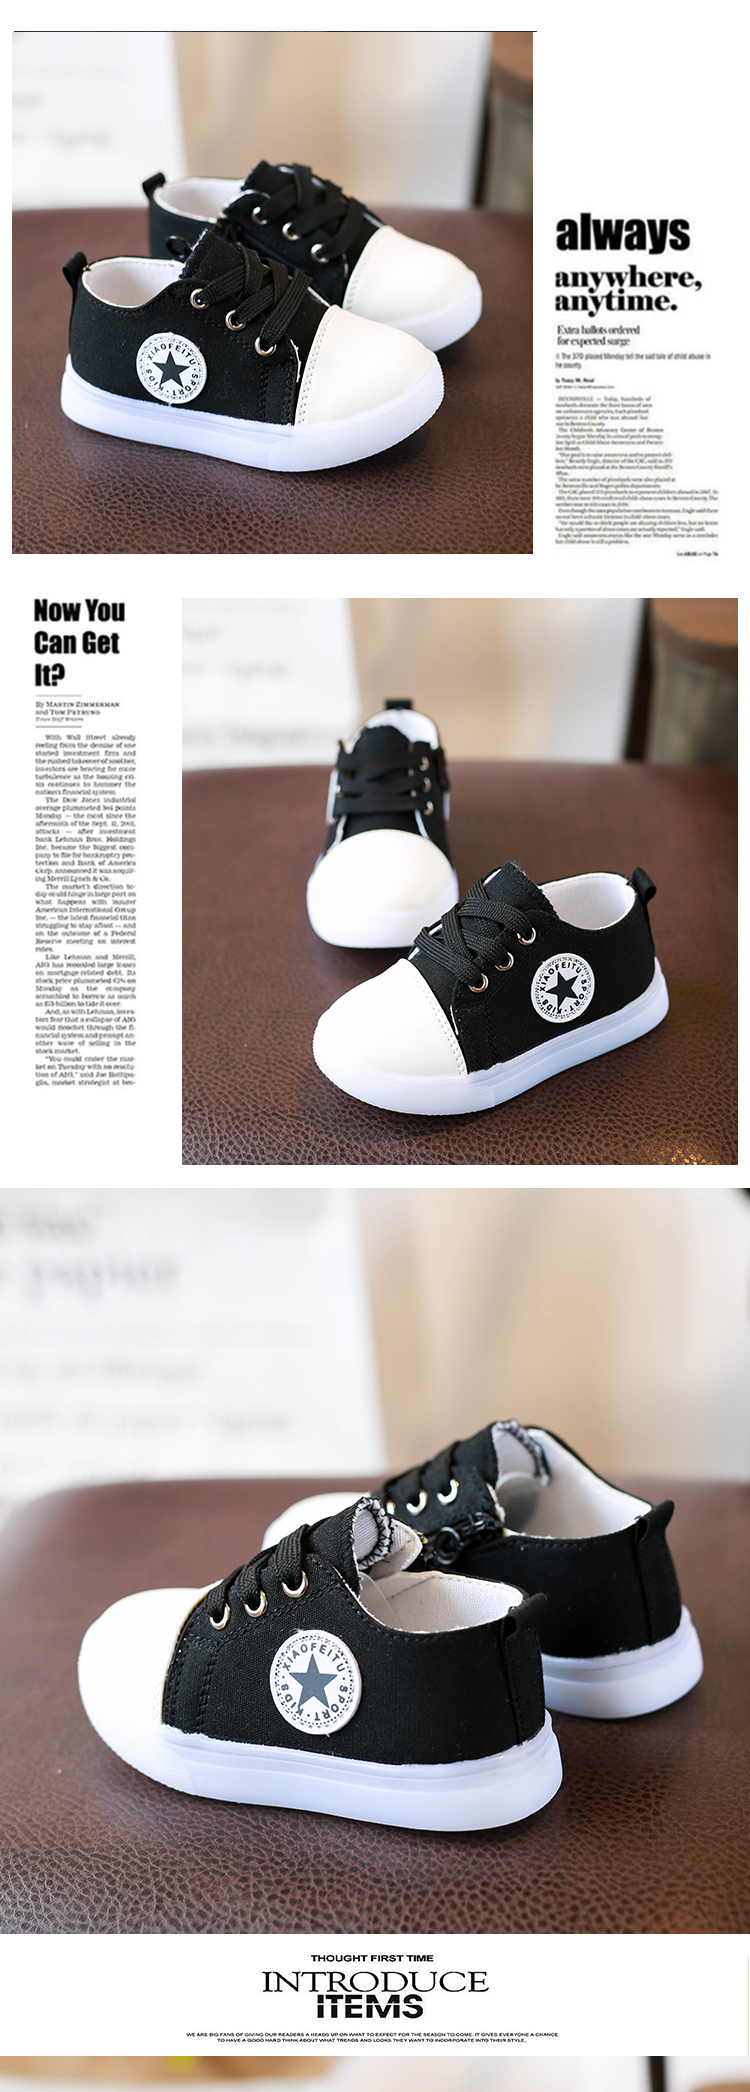 845fc88aa6ac9 Nouveau Enfants Lumineux Sneakers Mode Enfants Led Sport Chaussures Toile Fond  Mou Bébé Sport En Bas Âge Chaussures Avec La Lumière Garçons Filles